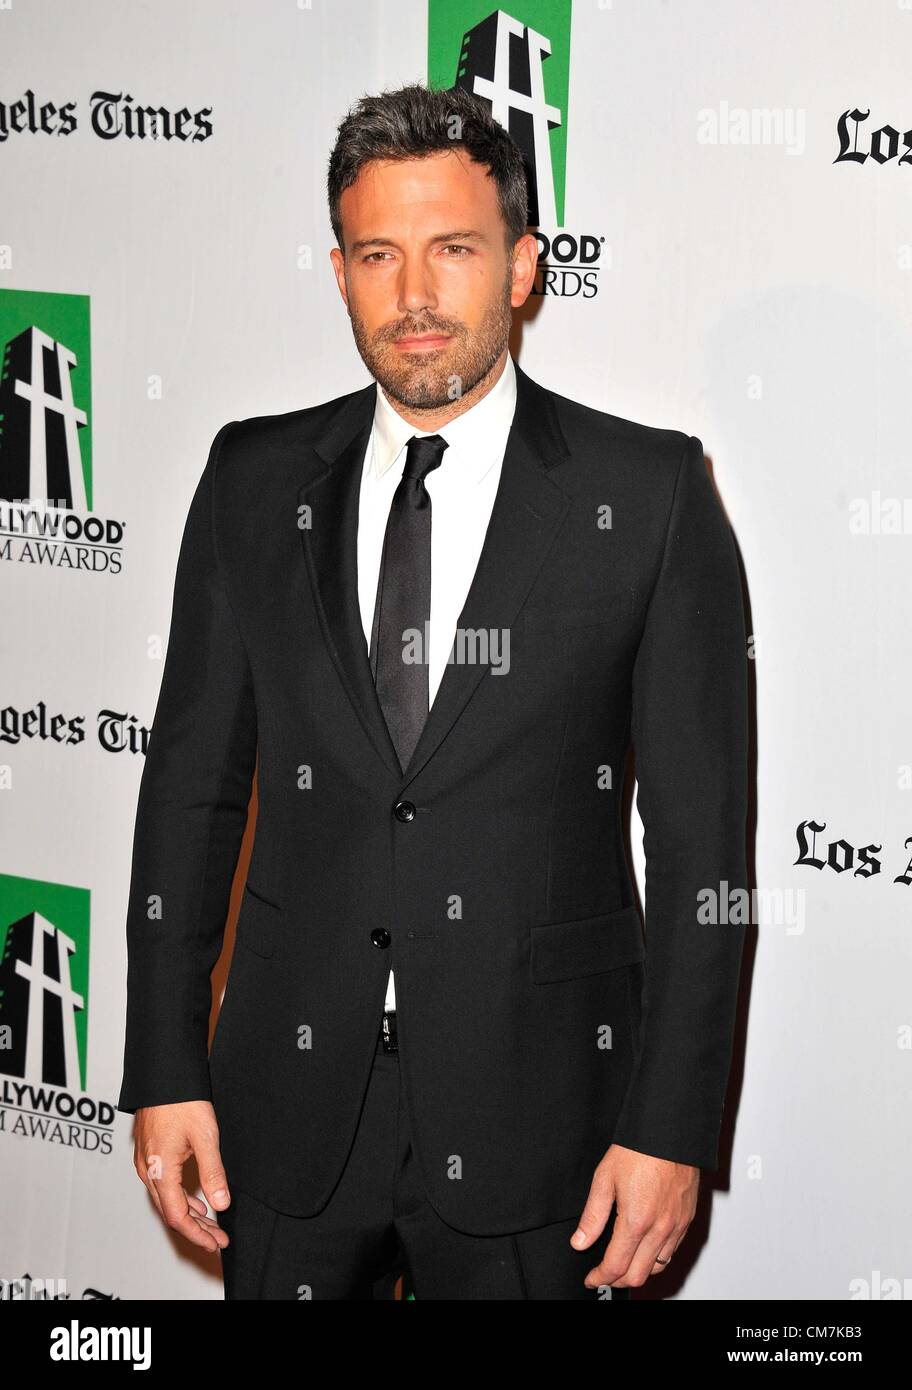 22 octobre 2012 - Los Angeles, Californie, États-Unis - Ben Affleck participant à la 16e Conférence Photo Stock